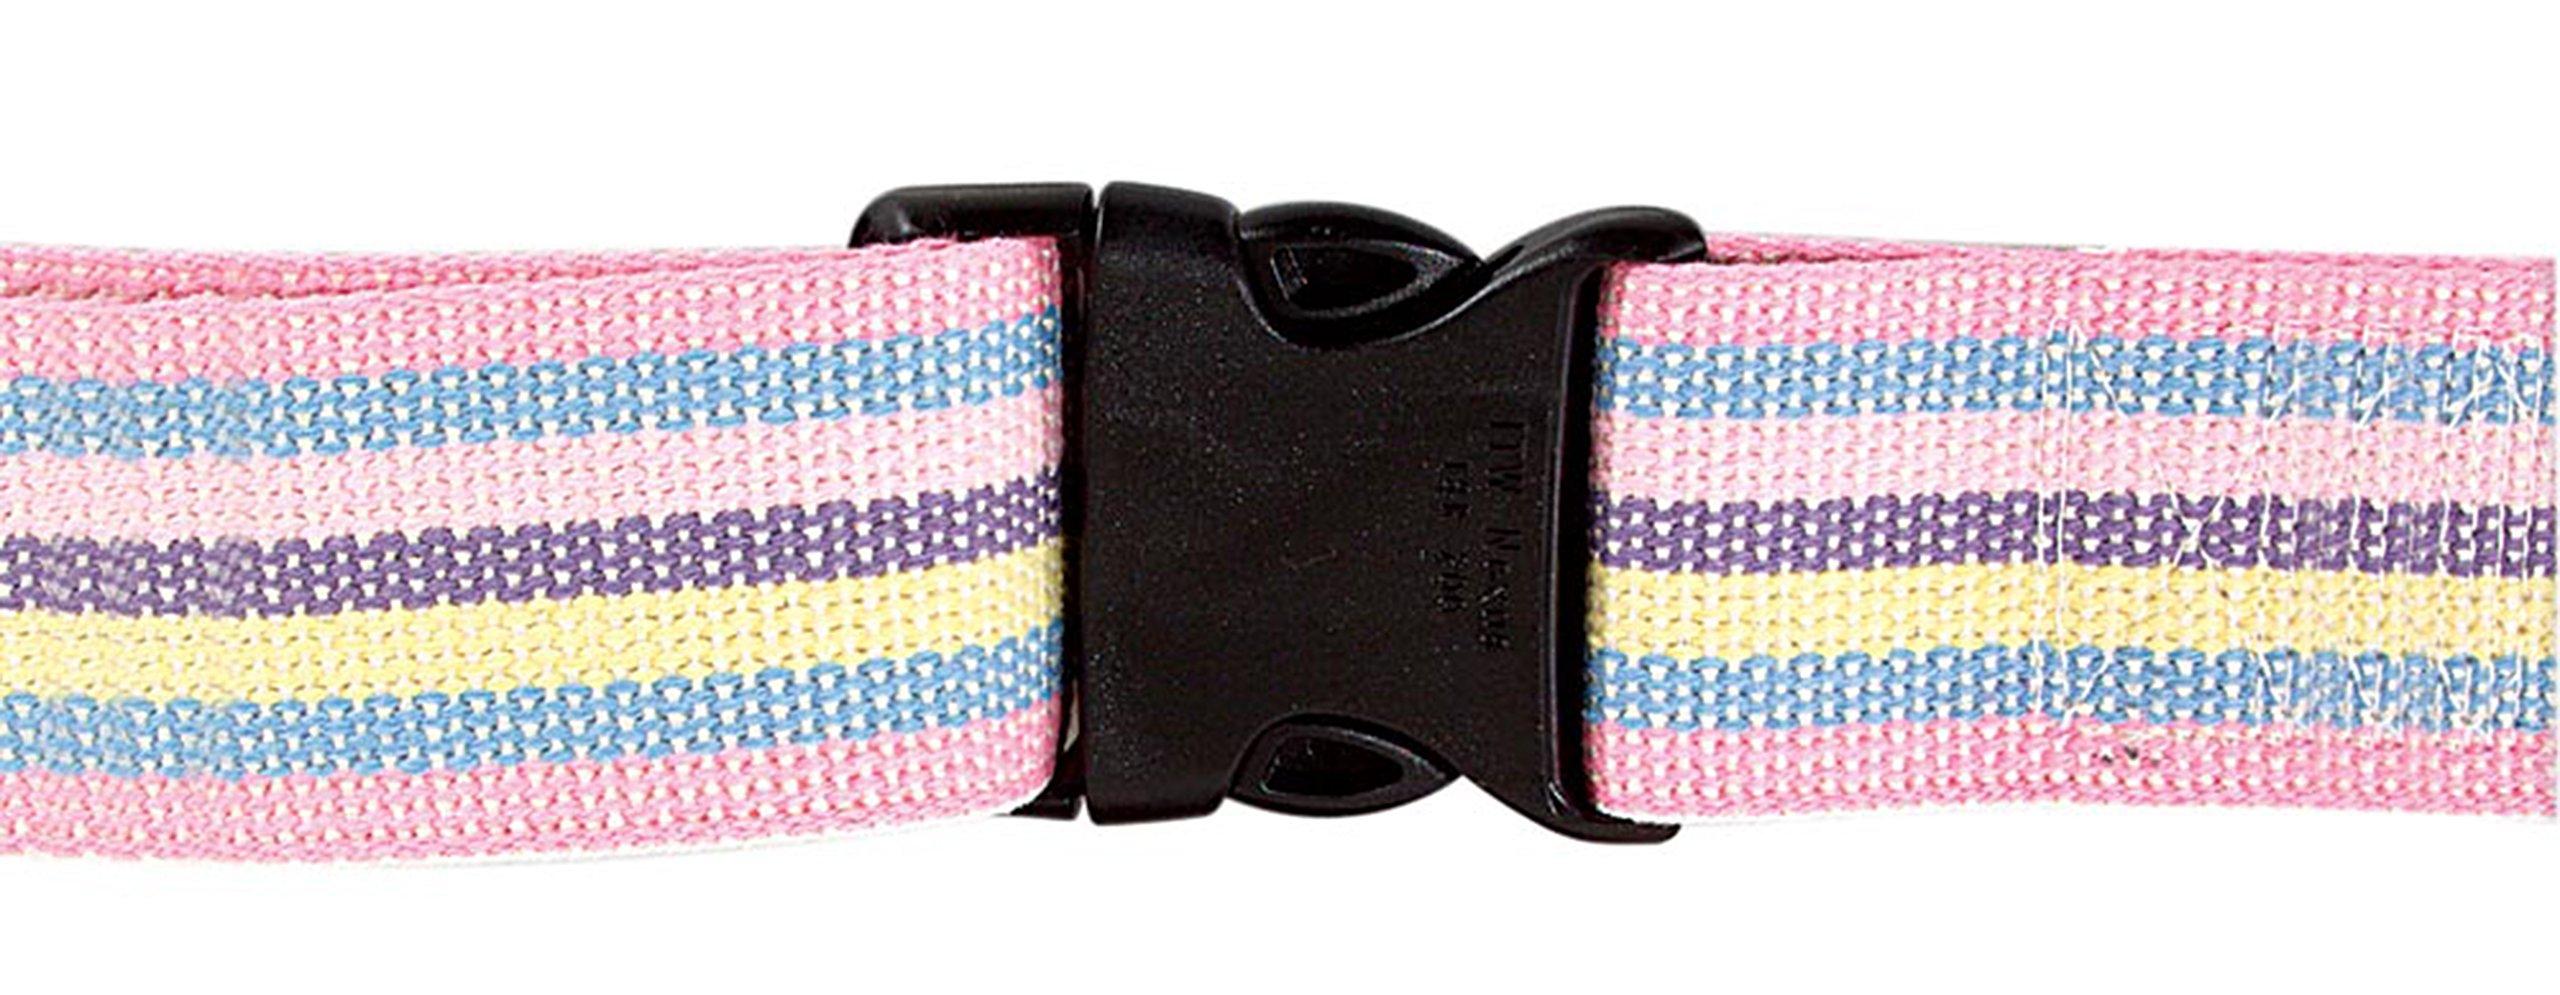 AliMed Gait Belt - Patient Transfer Belt, Plastic Buckle, 54'', Pastel, 20/cs